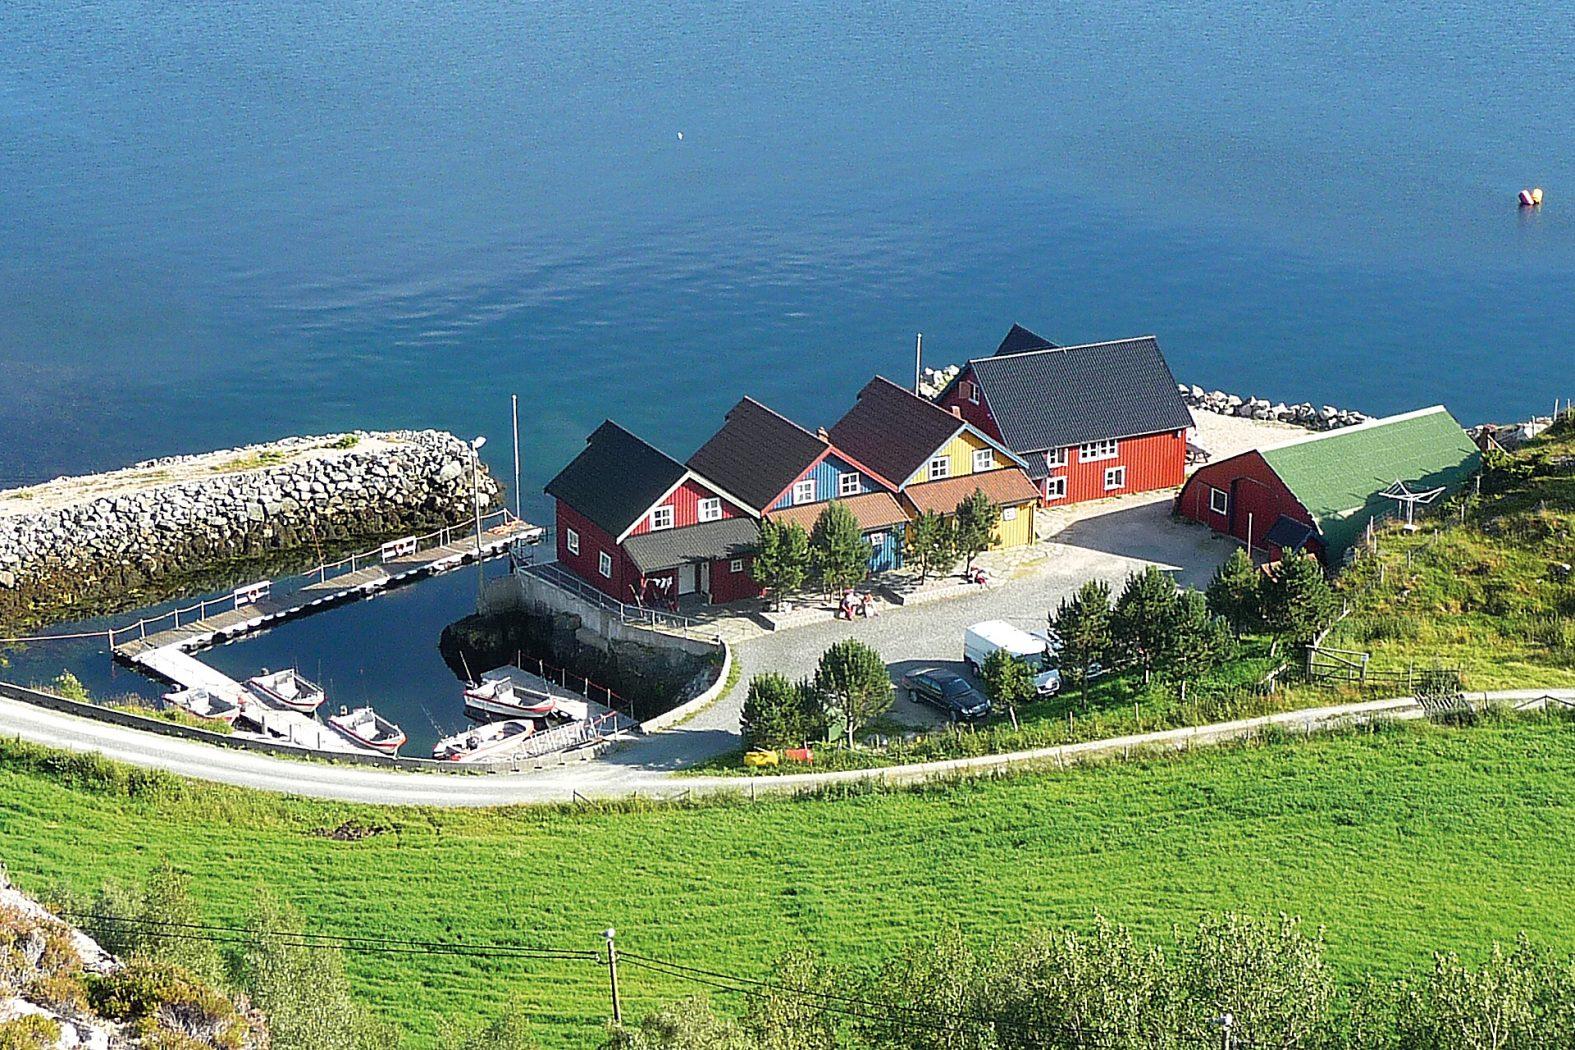 Ferienhaus auf Hitra in Norwegen